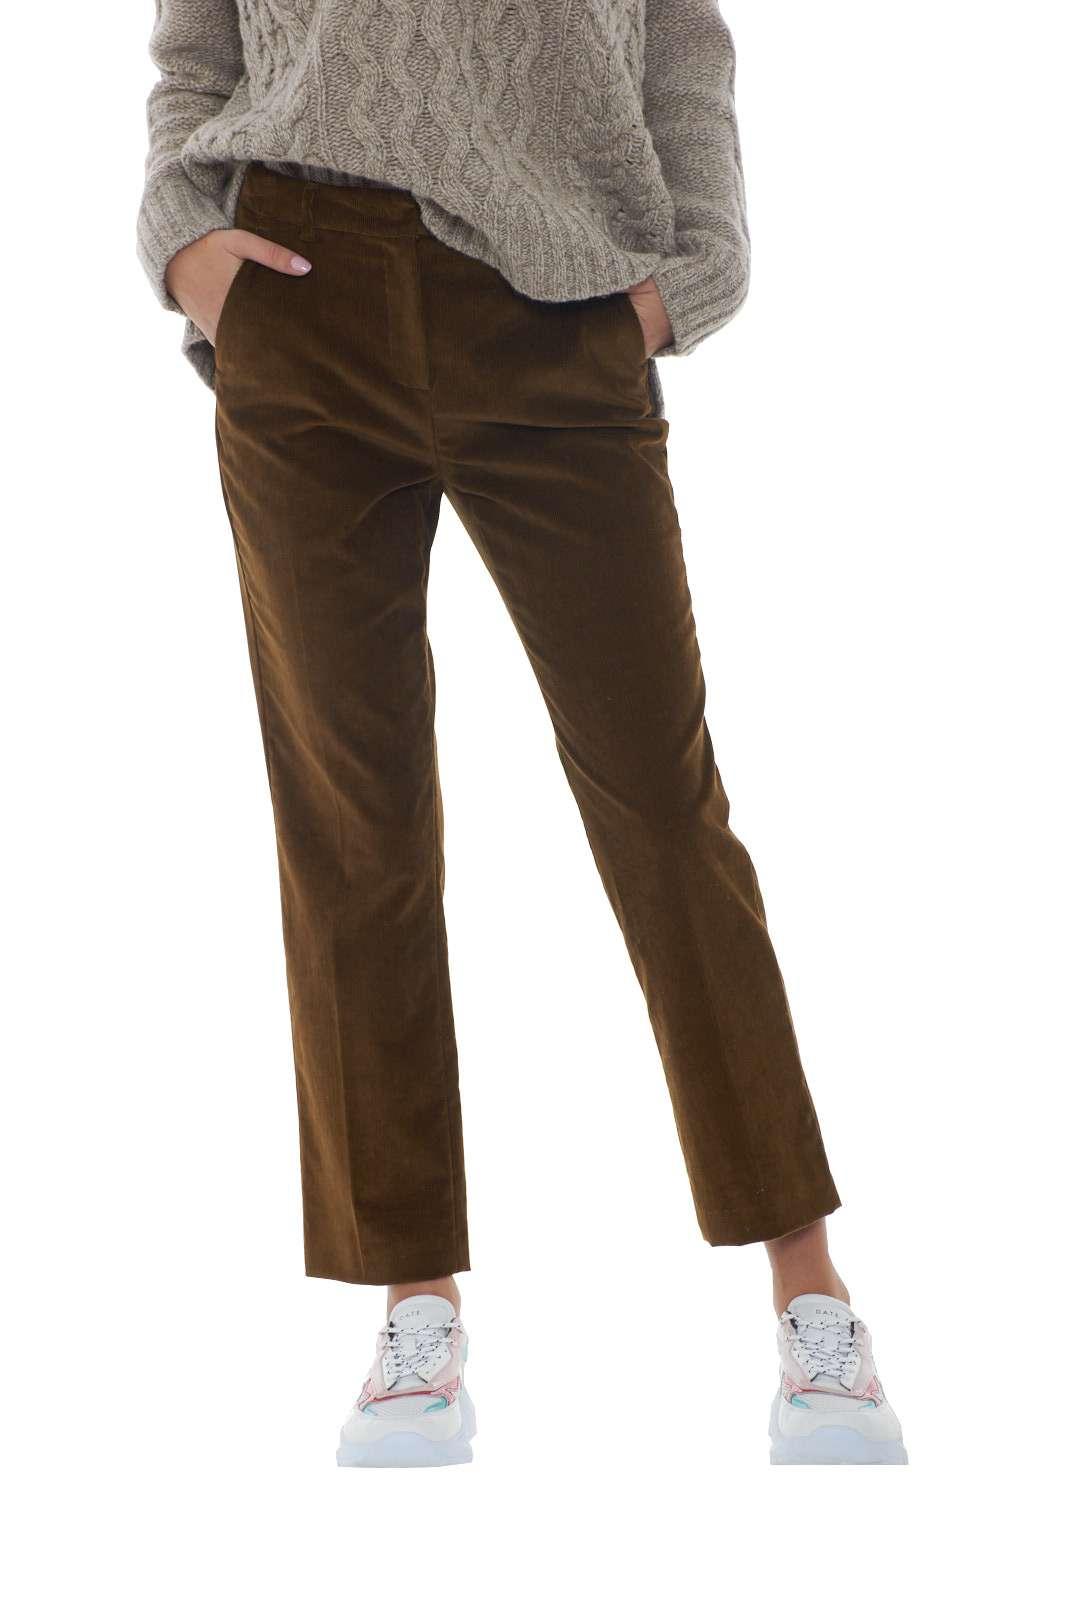 https://www.parmax.com/media/catalog/product/a/i/AI-outlet_parmax-pantaloni-donna-MaxMara-51360293-A.jpg